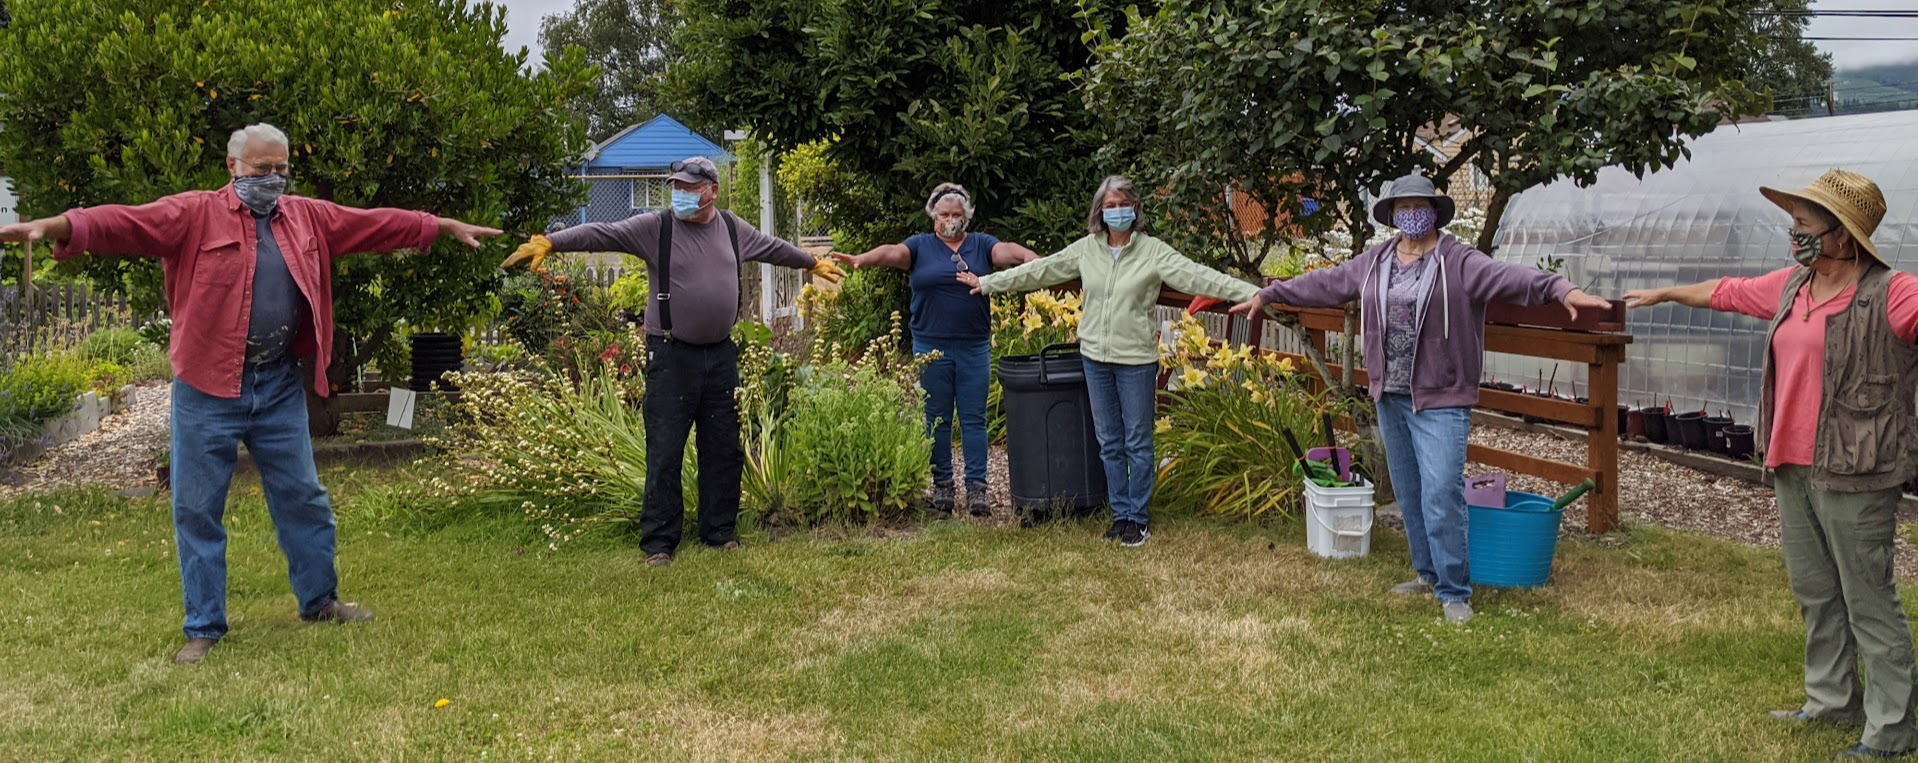 Master Gardener Volunteers Social Distancing